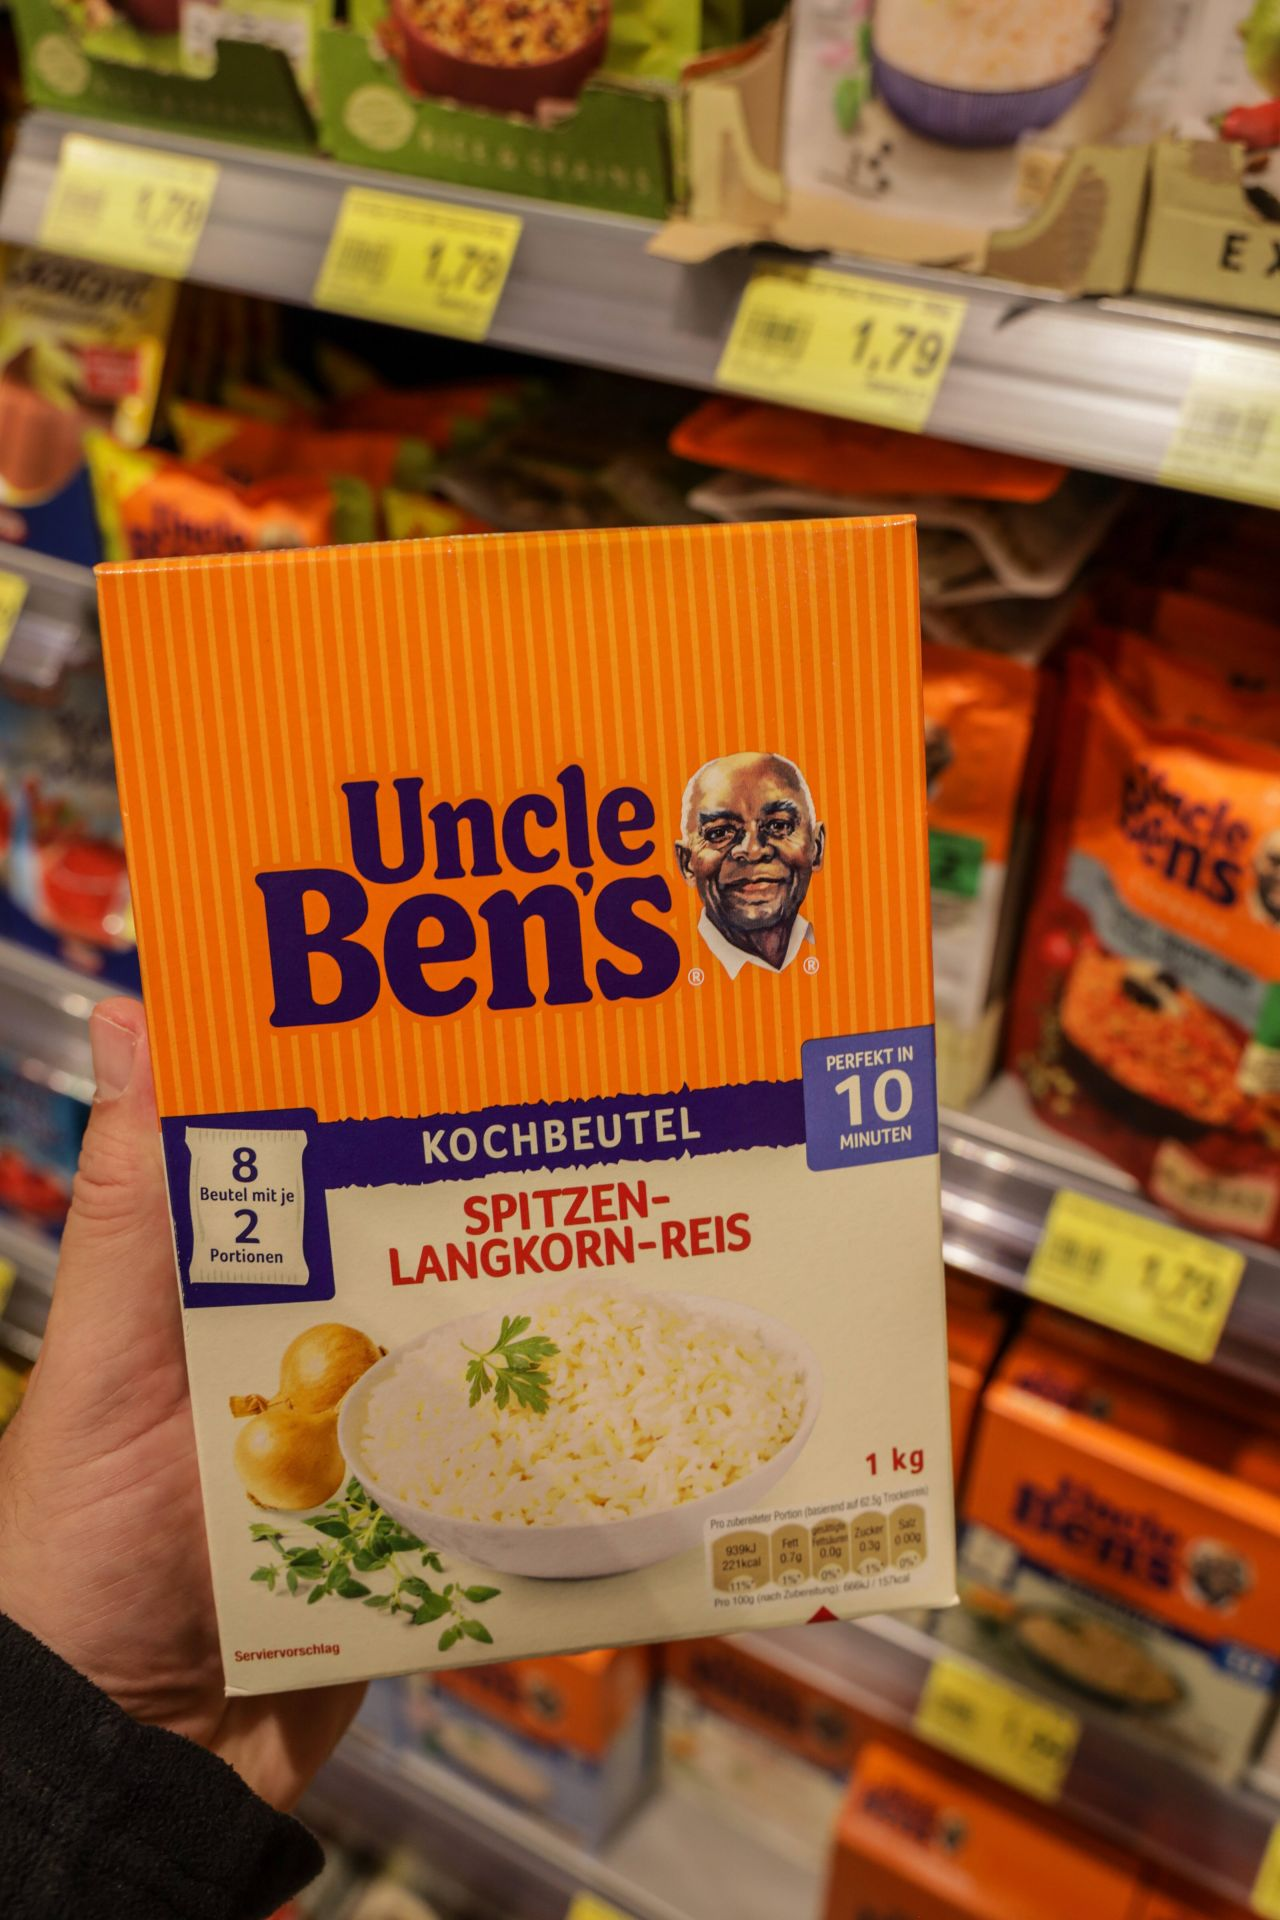 Von Uncle Ben's zu Ben's Original: Hilft Rebranding gegen Rassismus?